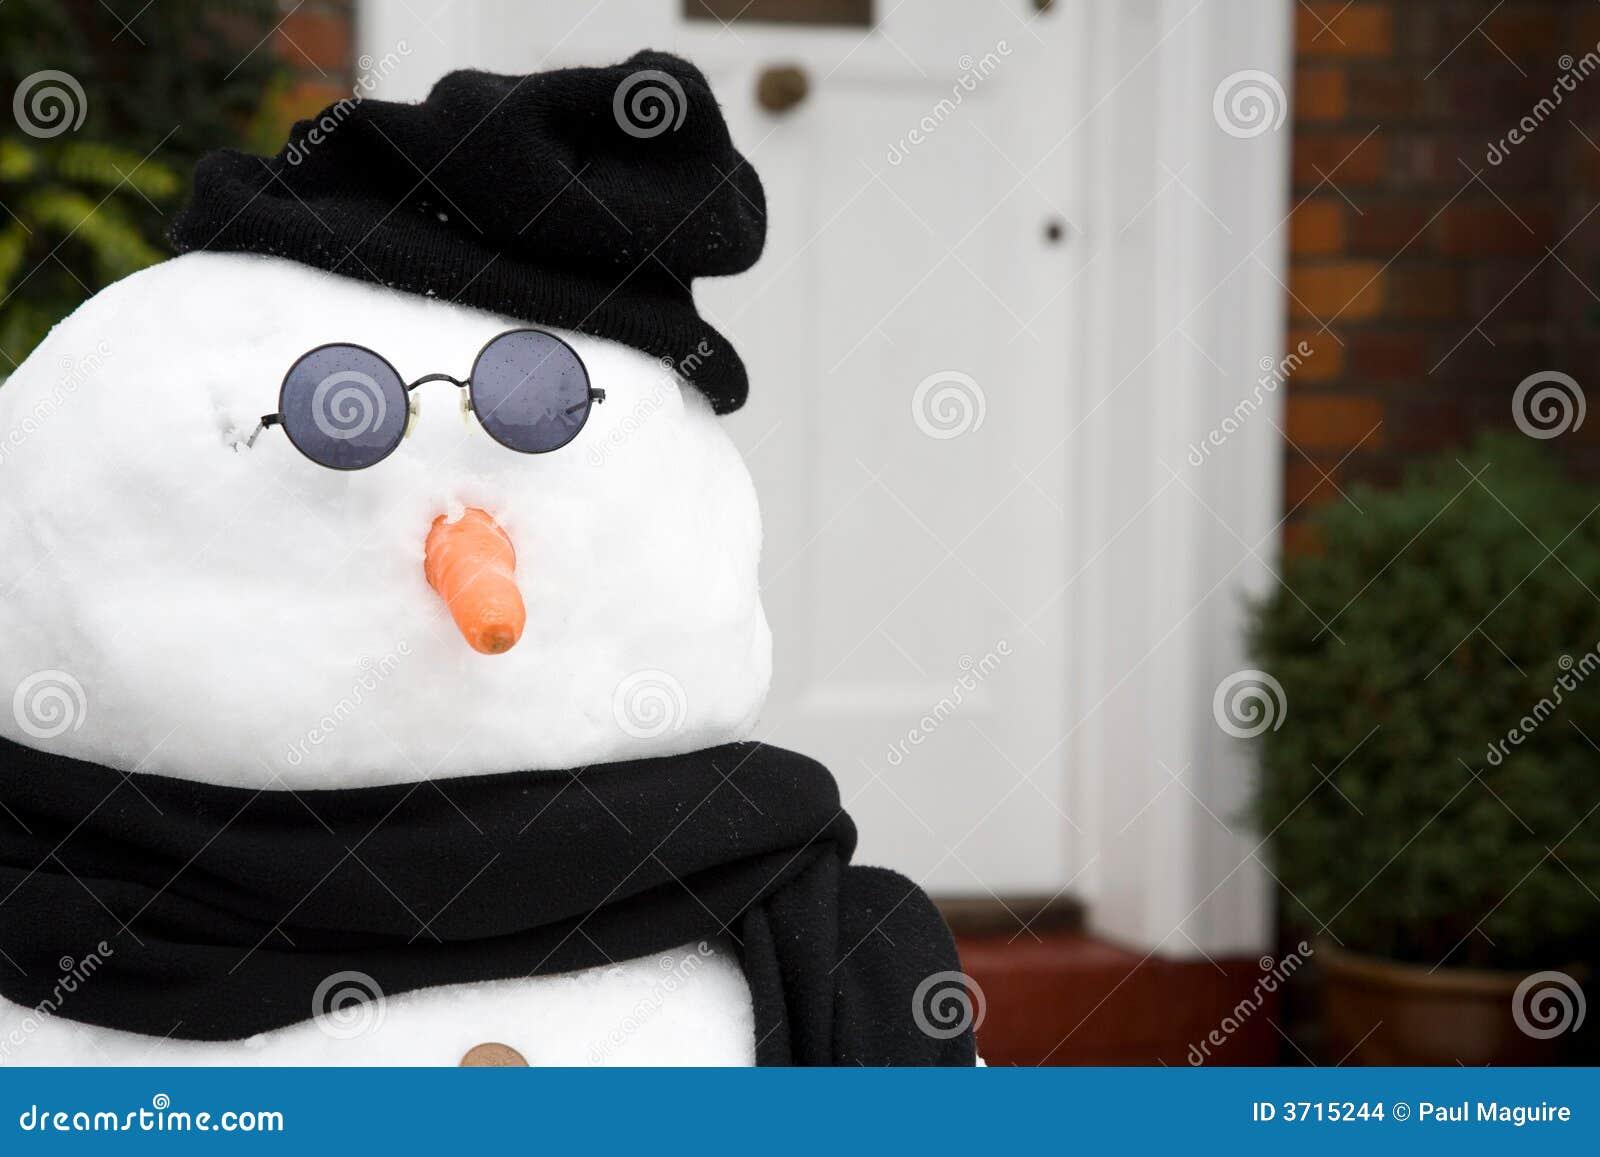 Snowman at front door